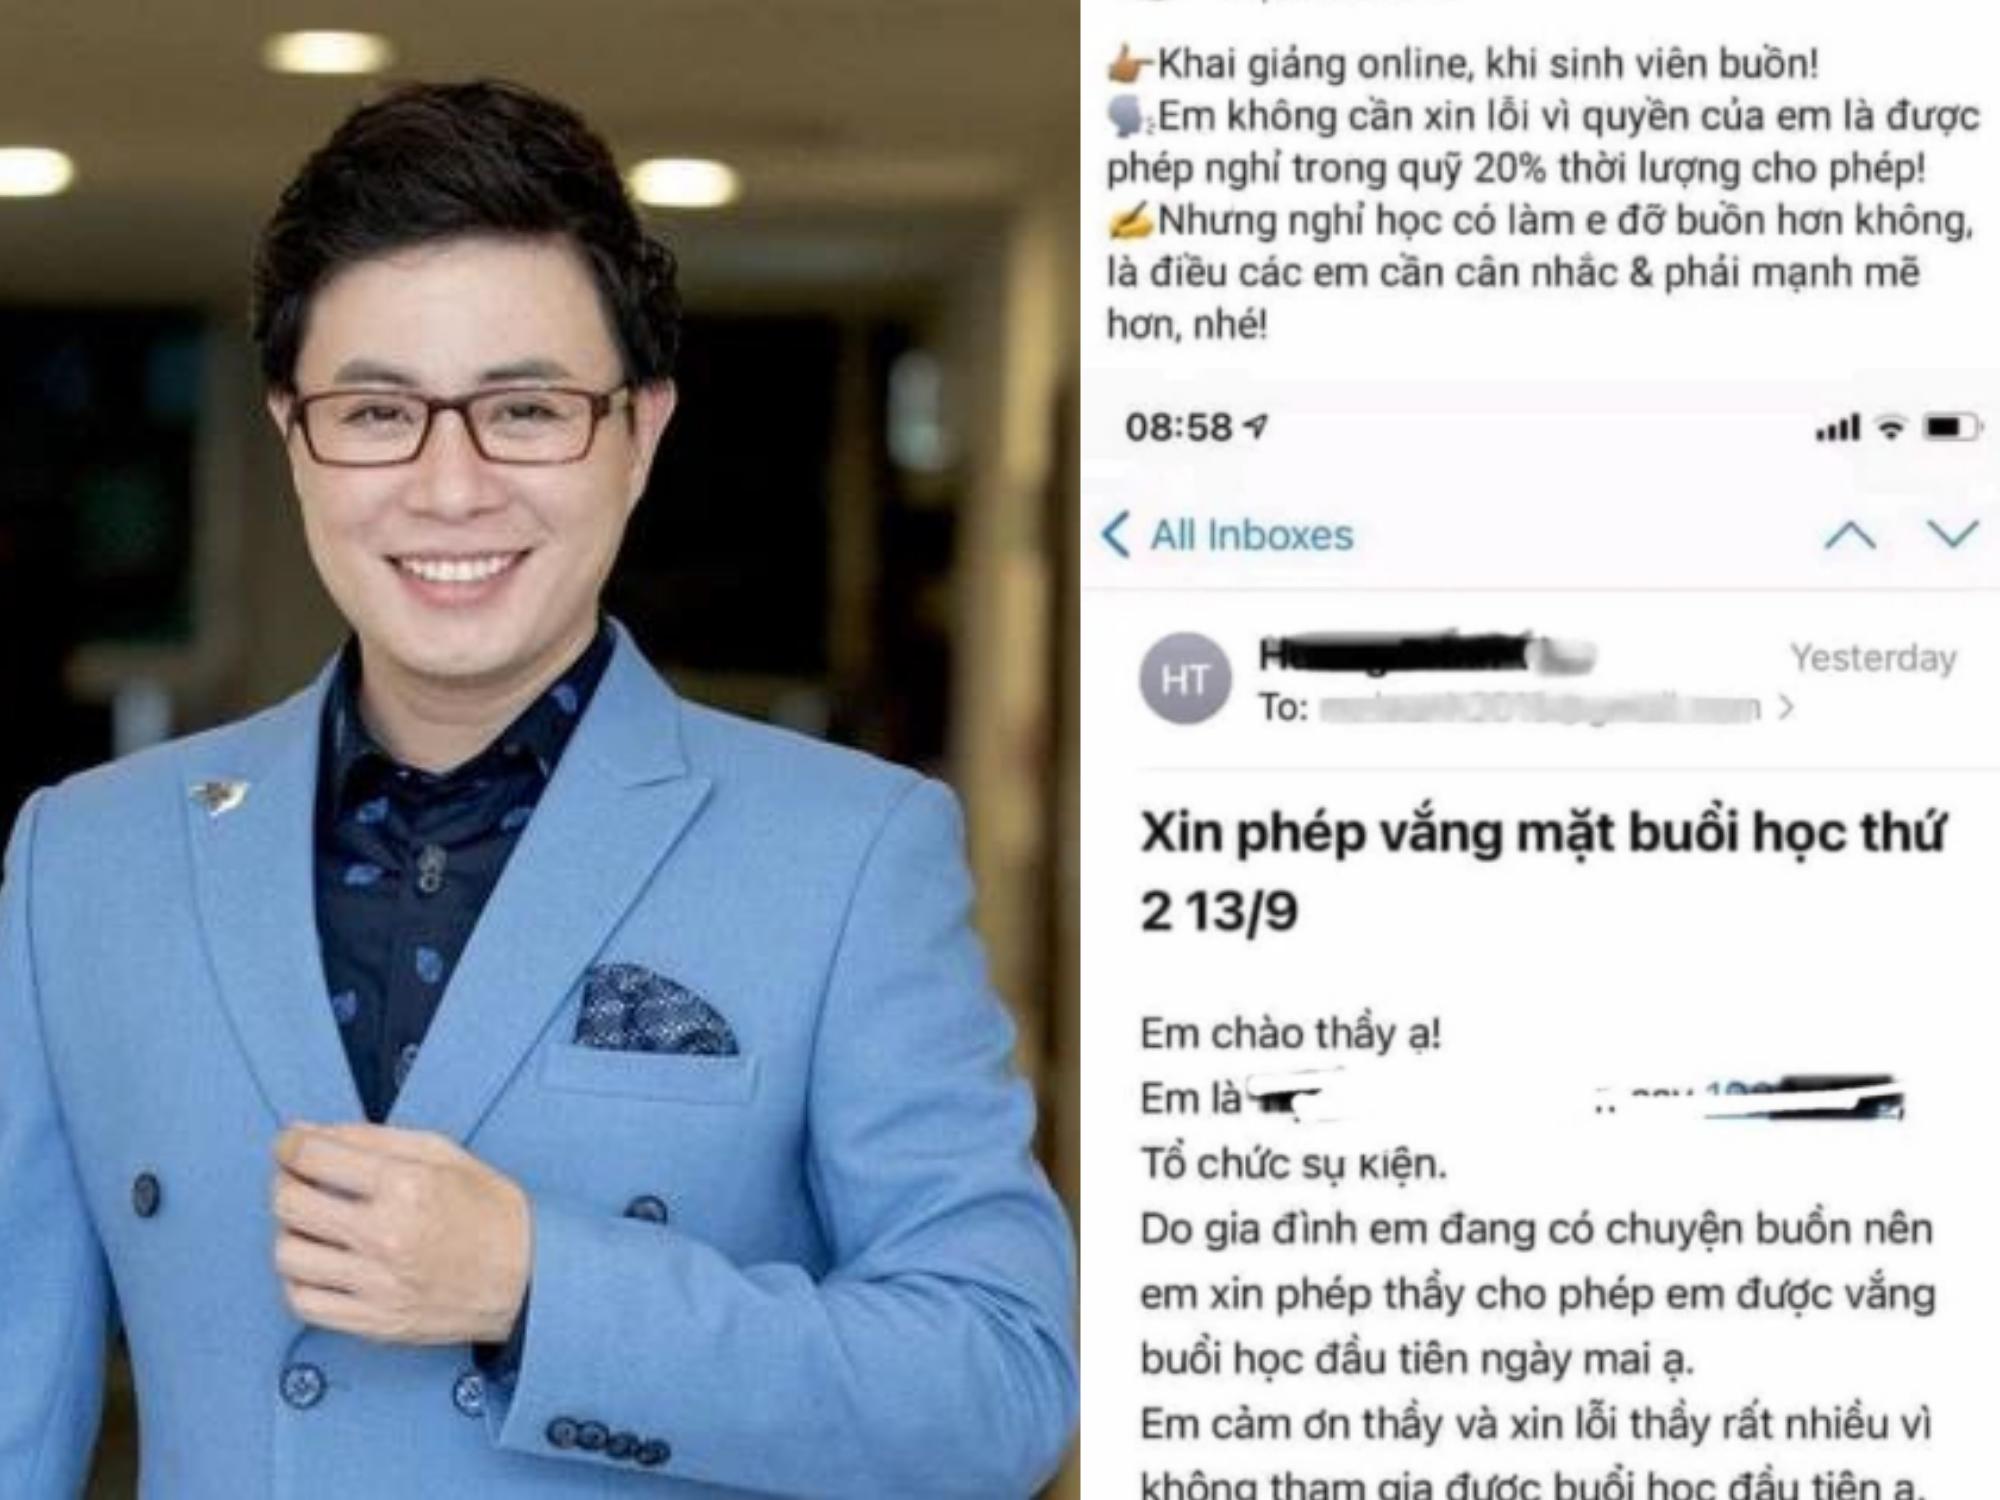 Diễn biến mới vụ MC VTV kiêm giảng viên đại học 'châm biếm' sinh viên 'nghỉ học có giúp em đỡ buồn' khi nhà có người thân mất